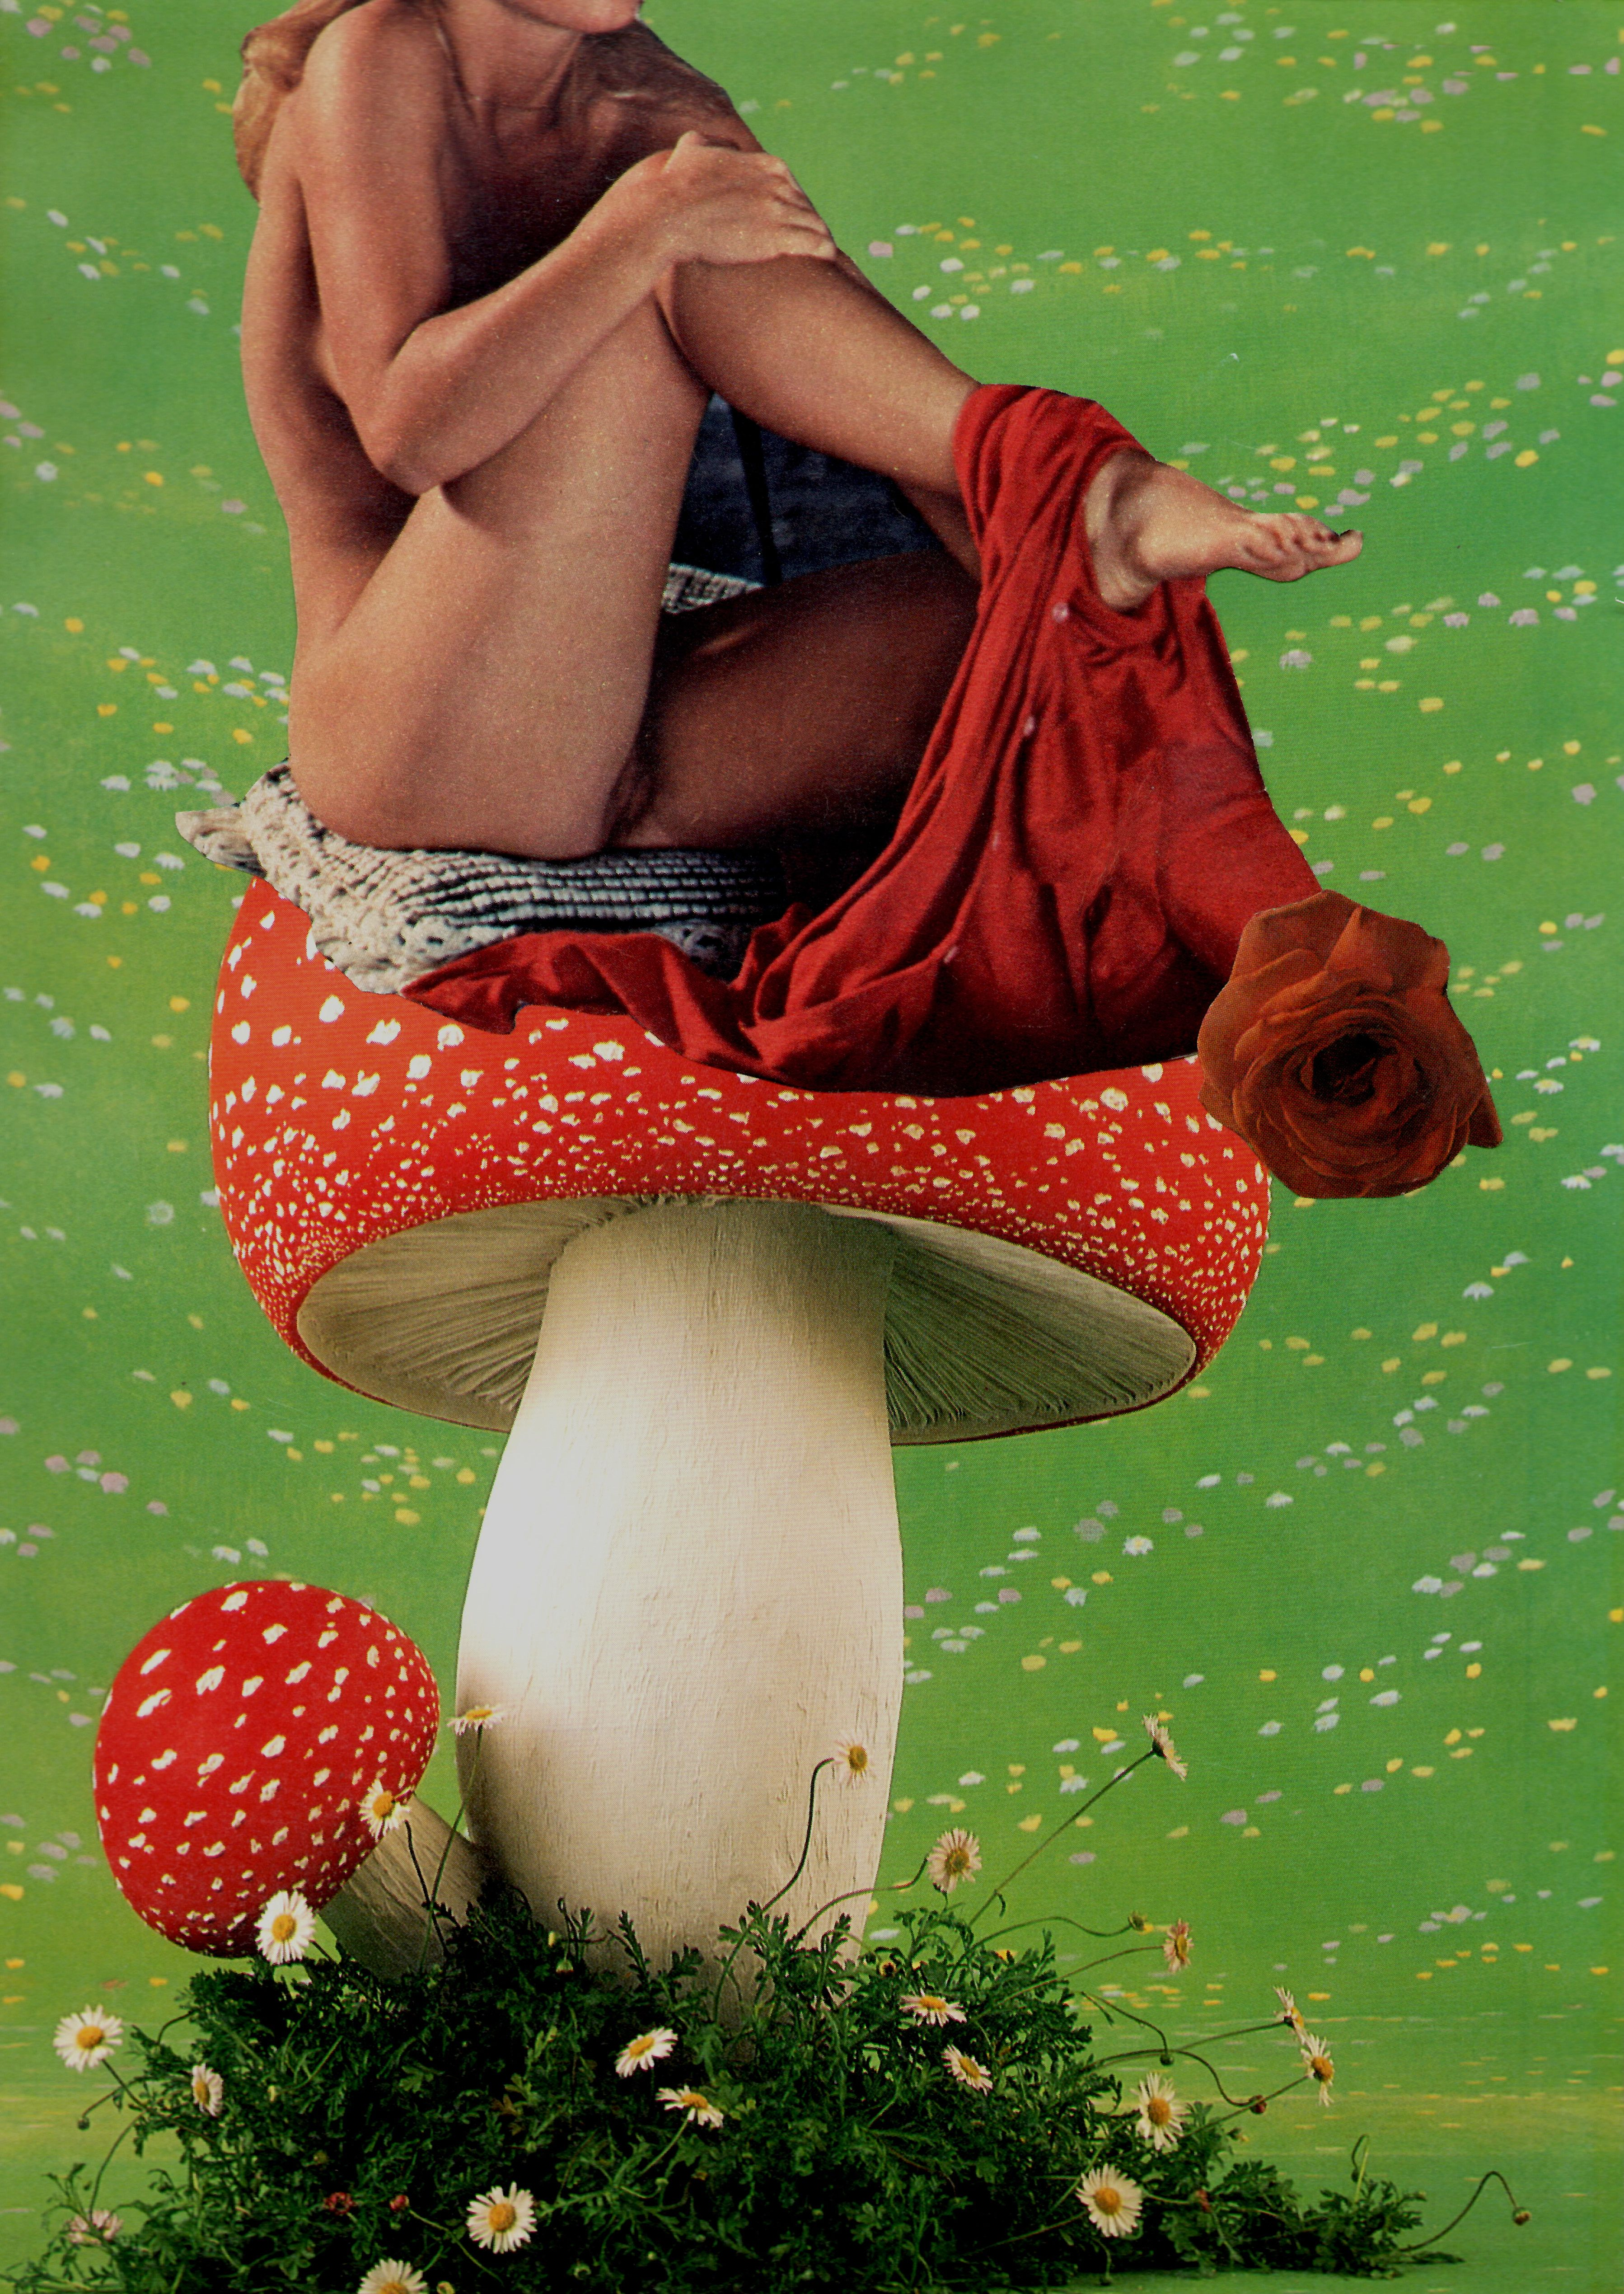 Sex mushroom